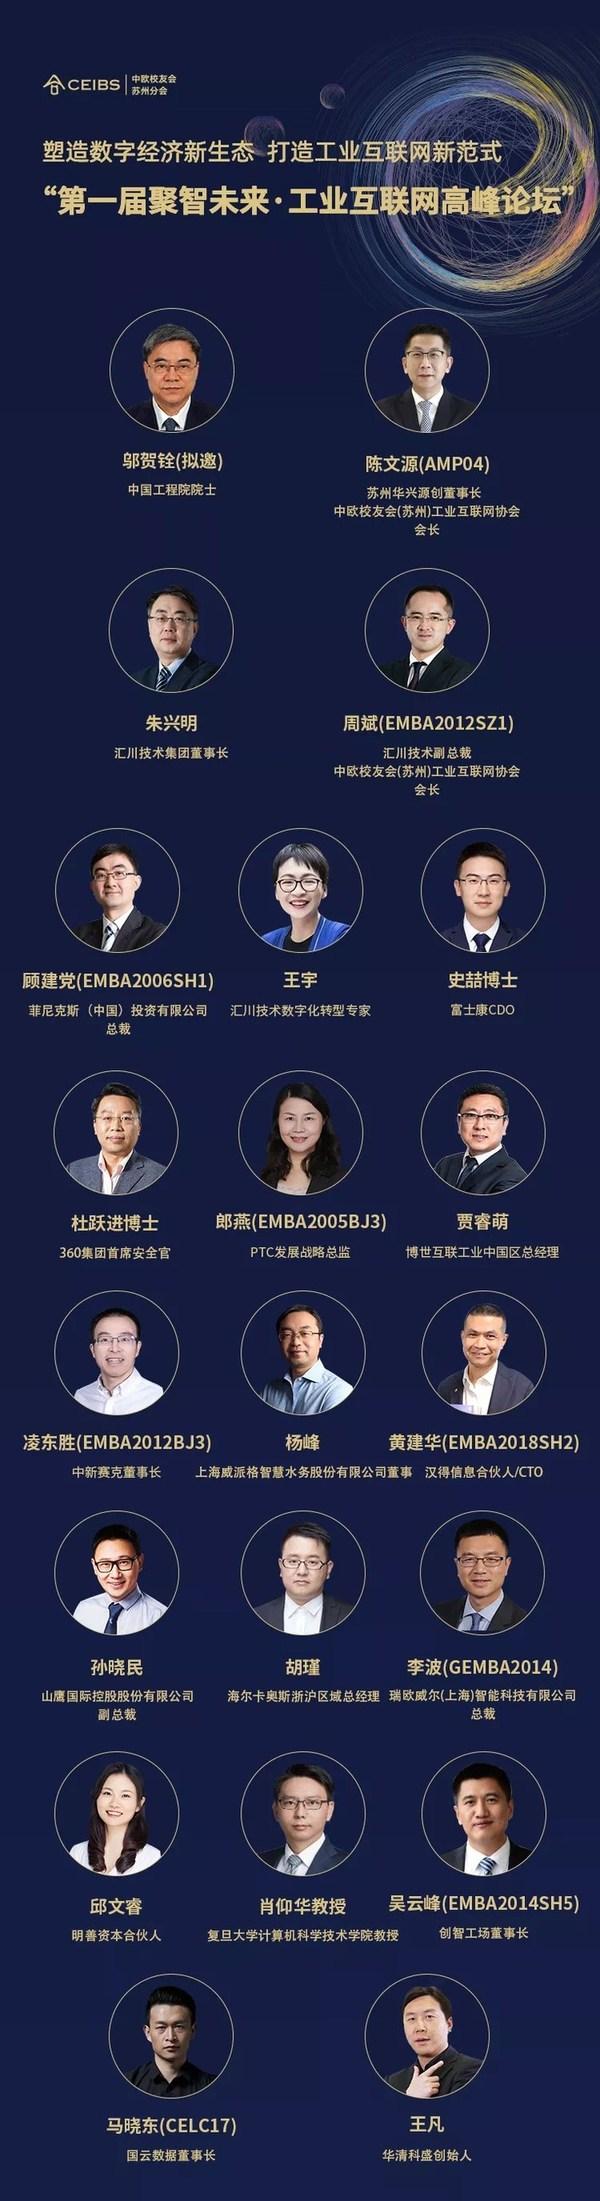 第一届聚智未来-工业互联网高峰论坛火热报名中